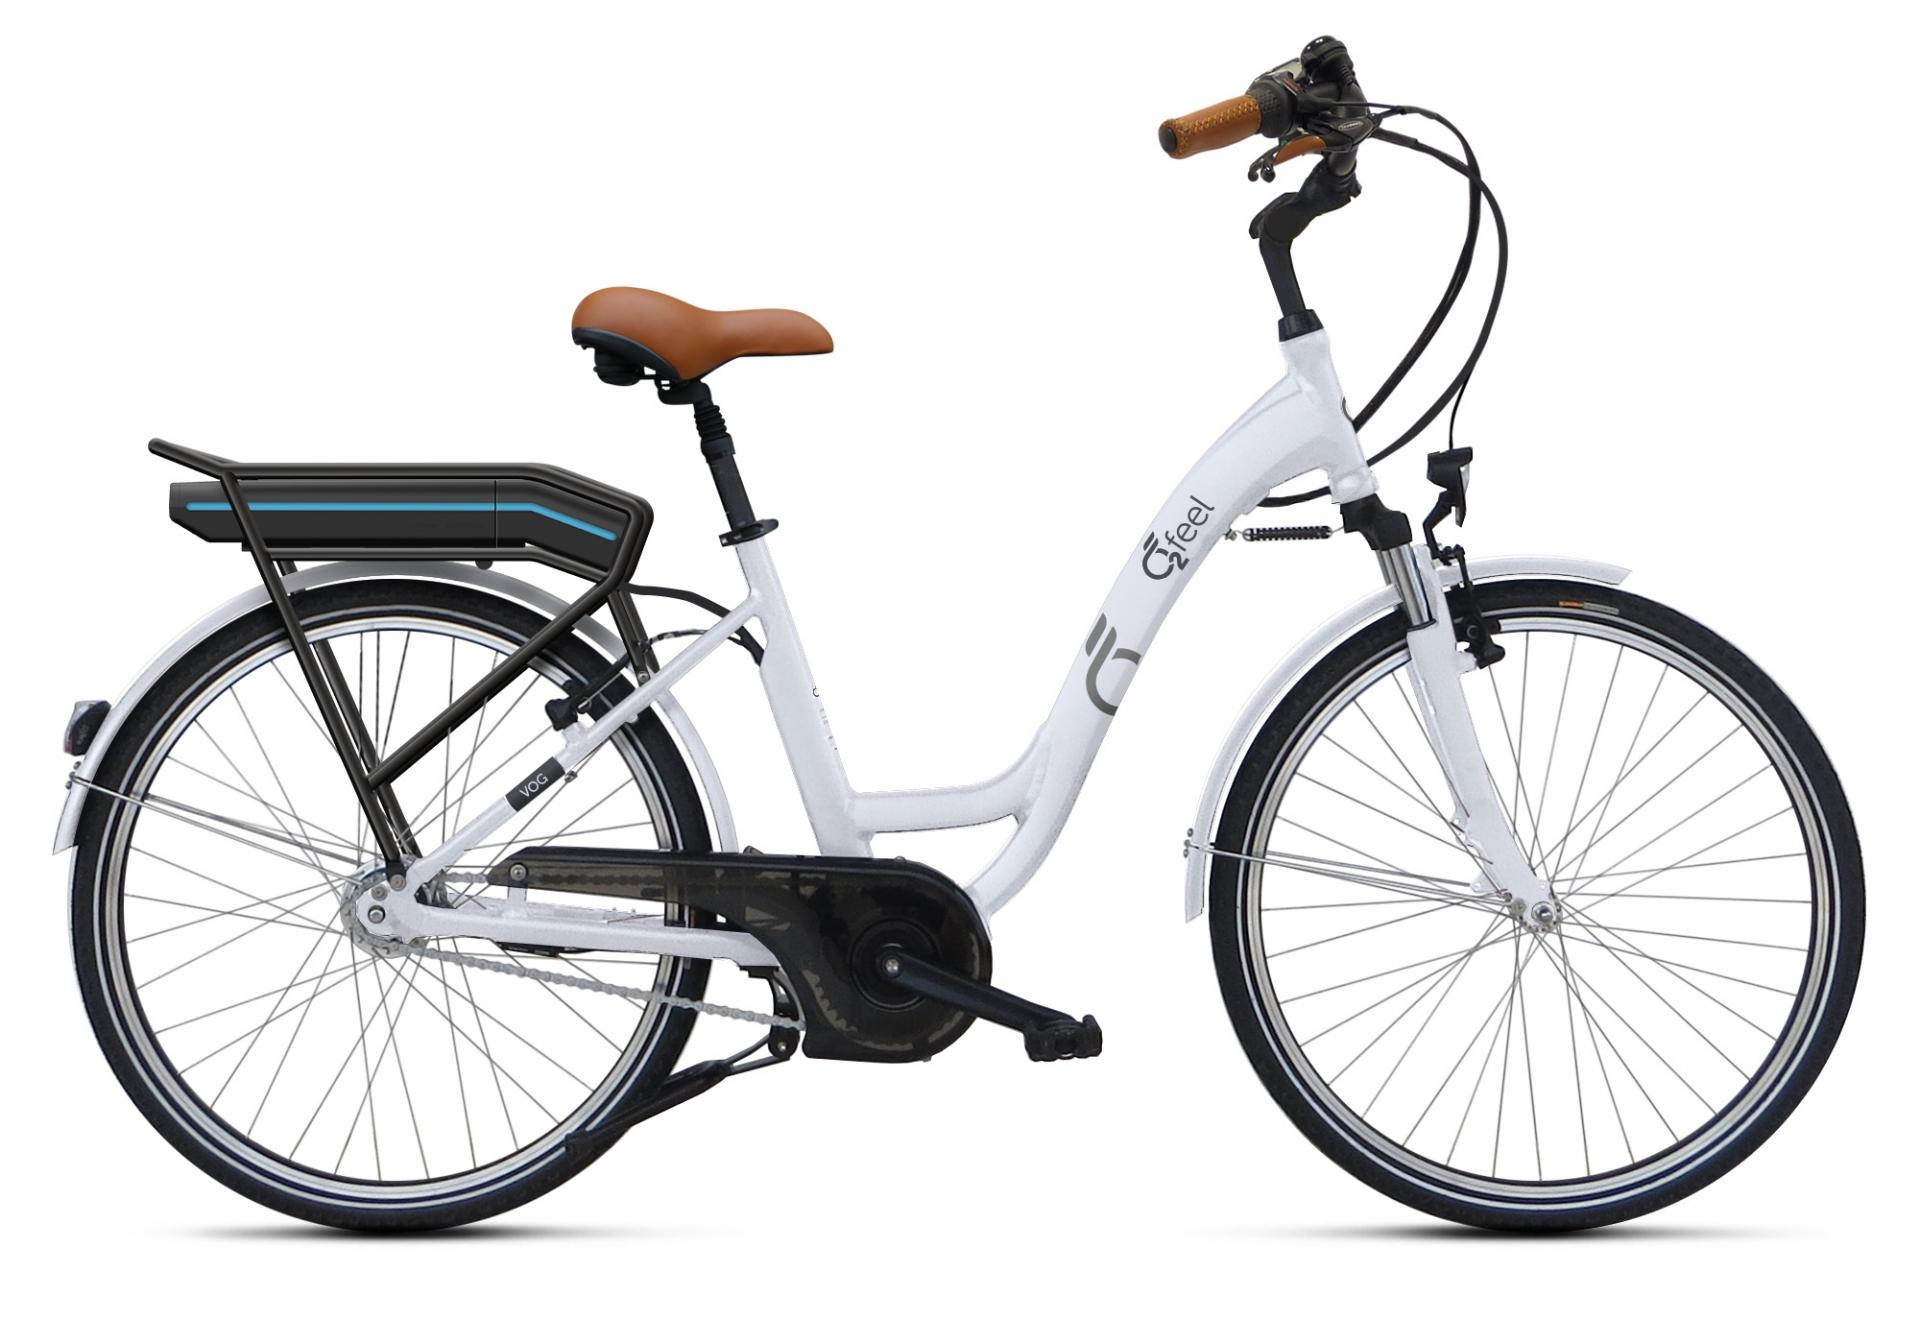 Vélo électrique O2Feel Vog N7 Origin 26 374 Wh Blanc